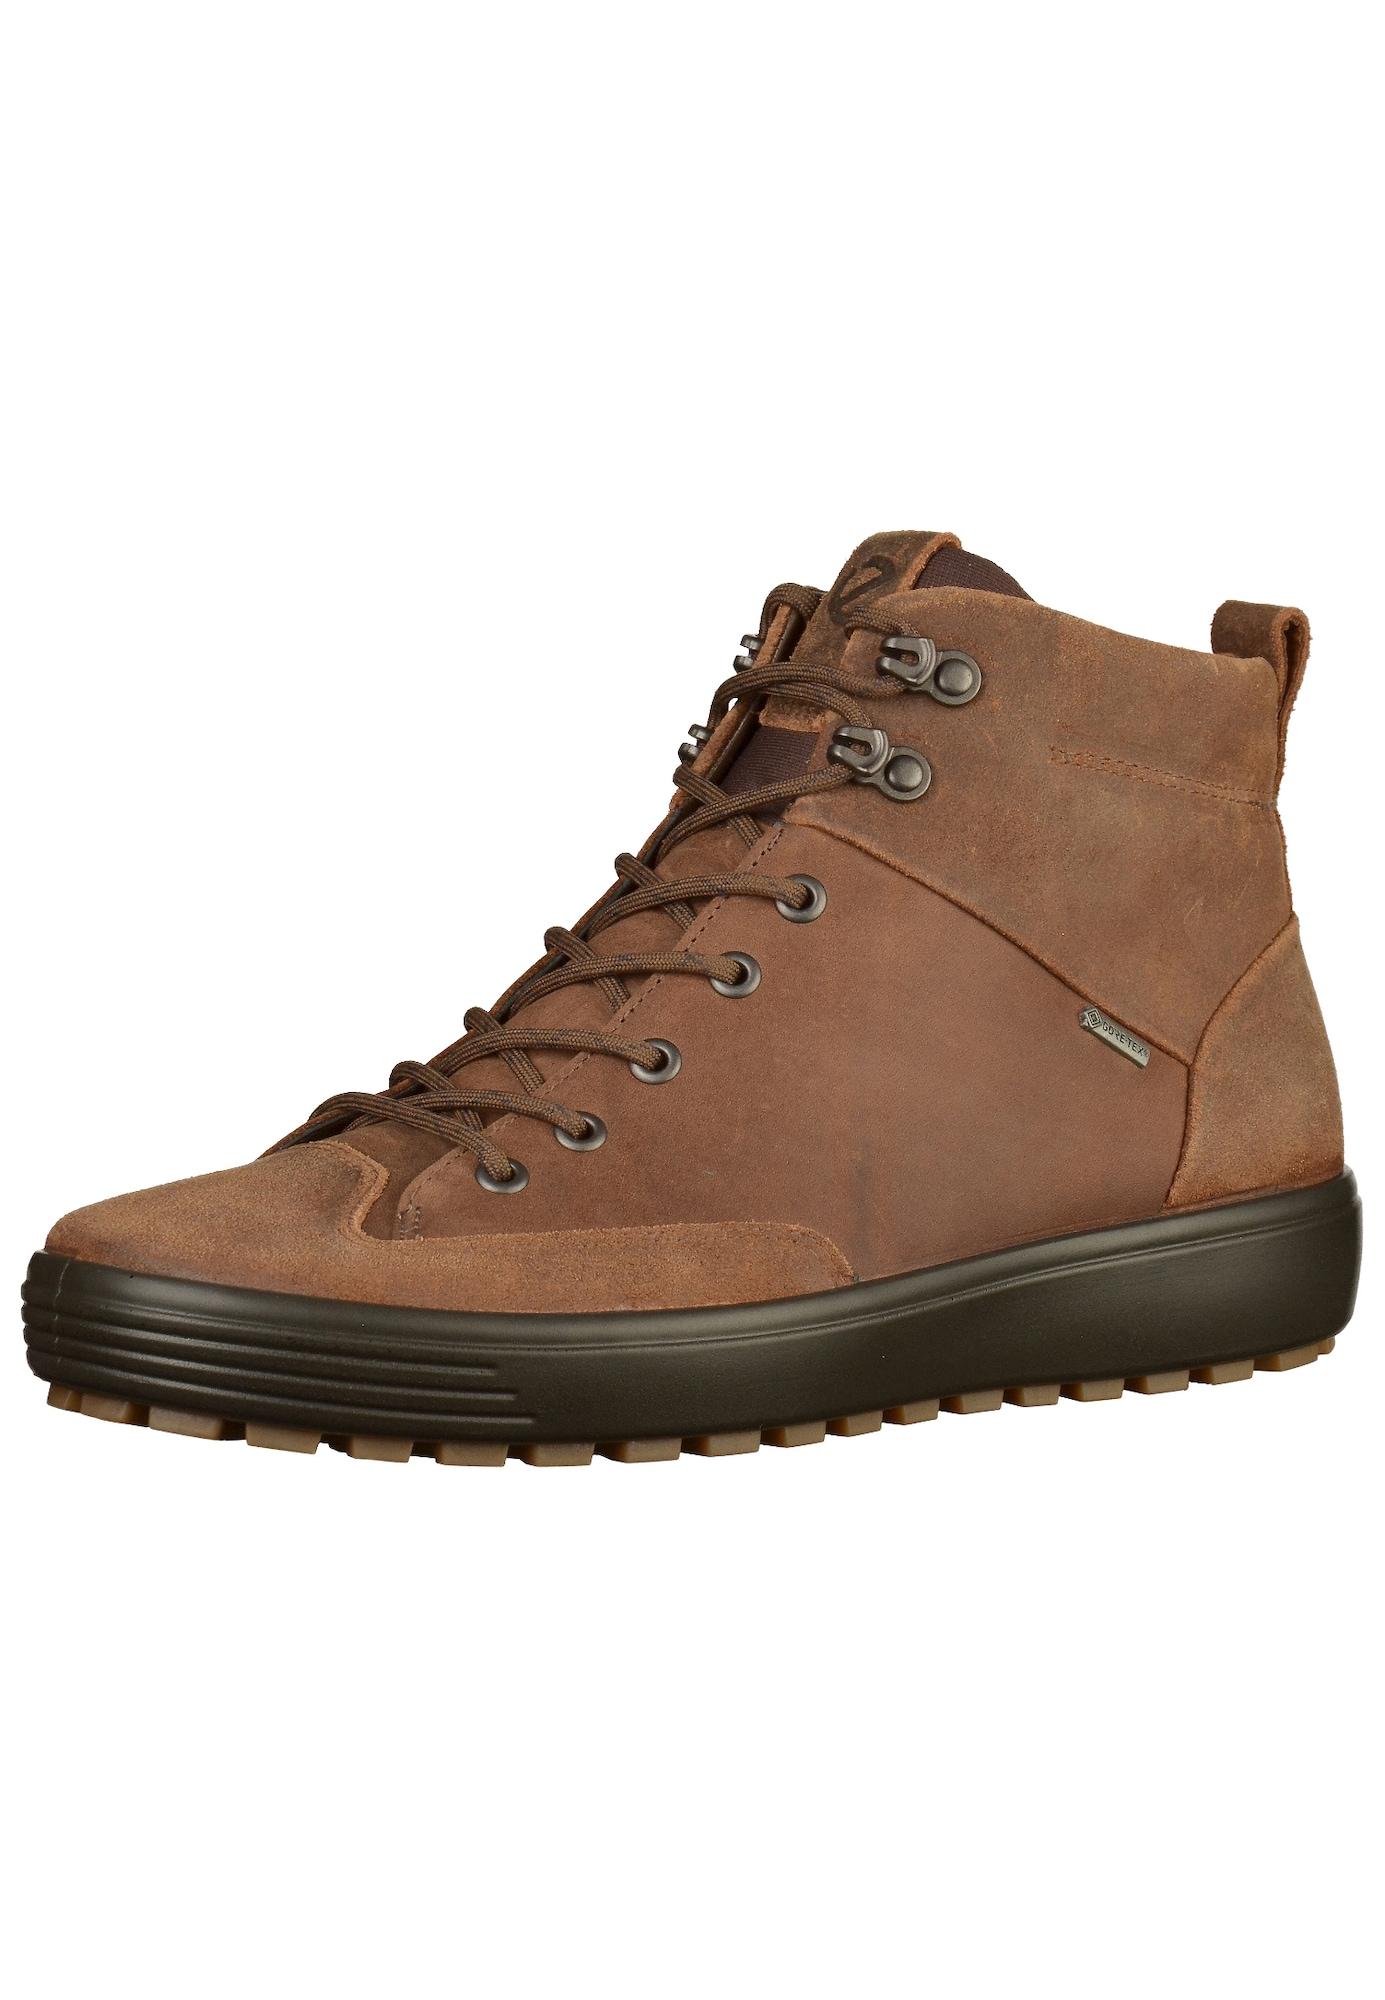 Stiefelette | Schuhe > Boots > Stiefel | Braun | ECCO